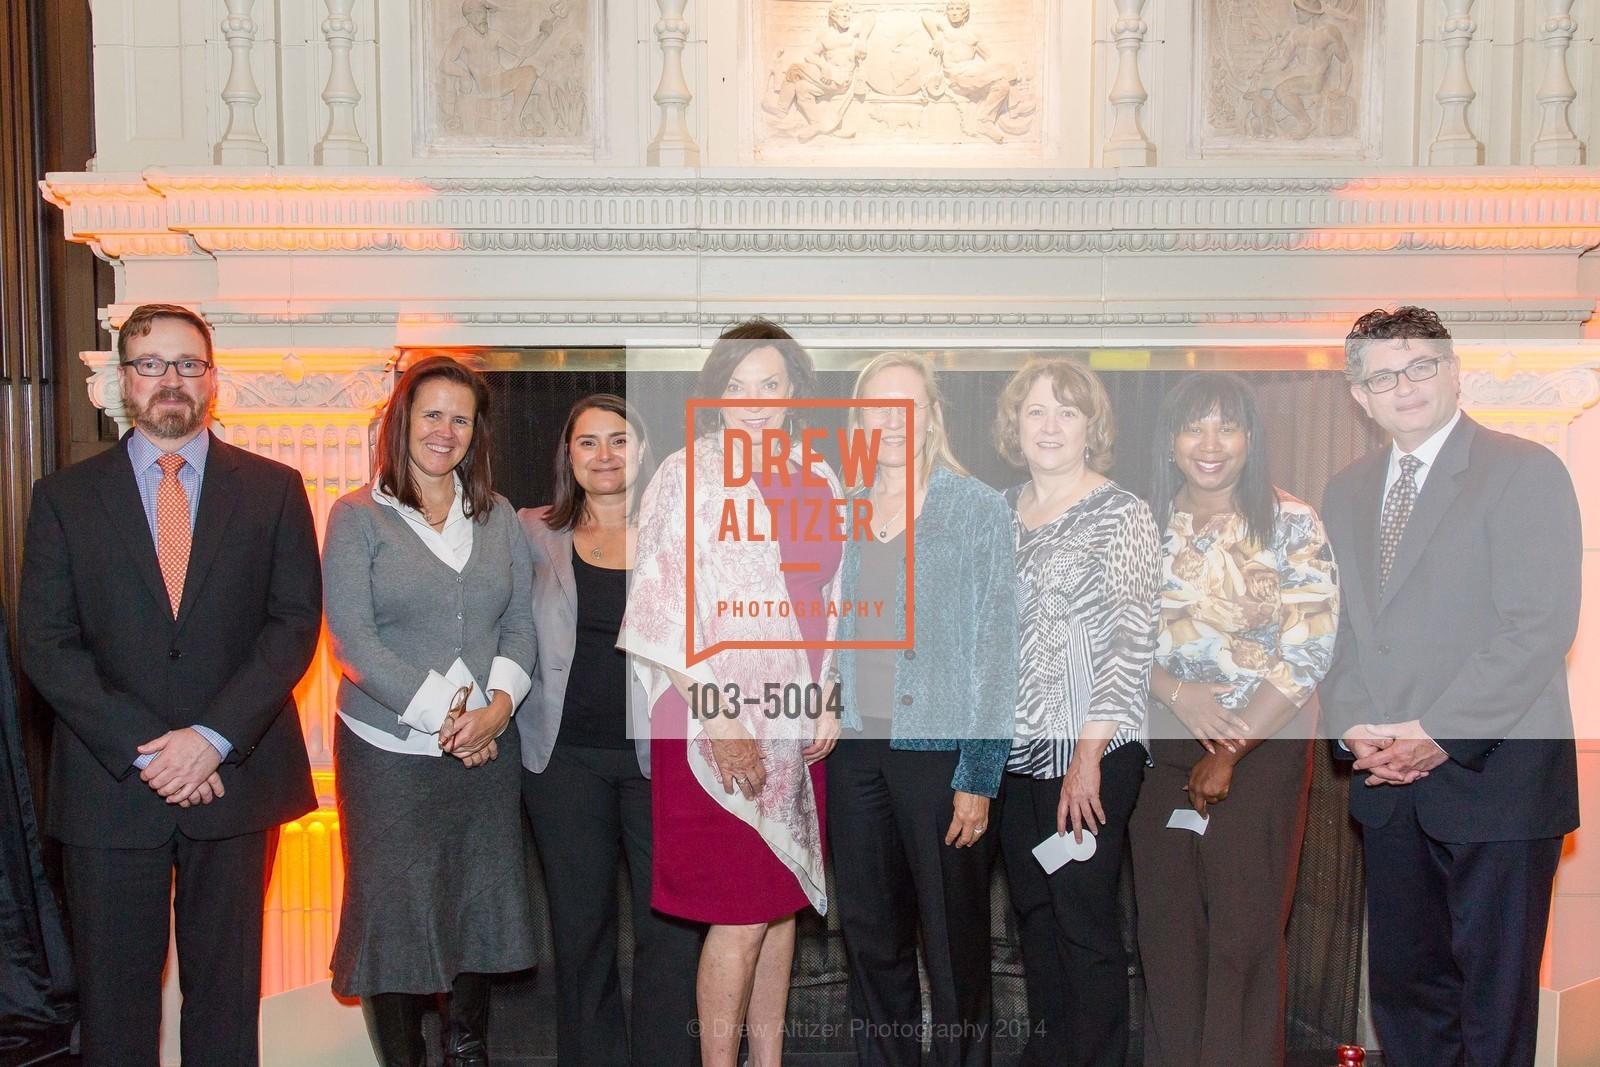 Bill Gin Chereau, Megan Stermer, Alina Connan, Paula Todd, Pam Nichter, Lisa Campos, Lynn Jones, Michael Perlstein, Photo #103-5004